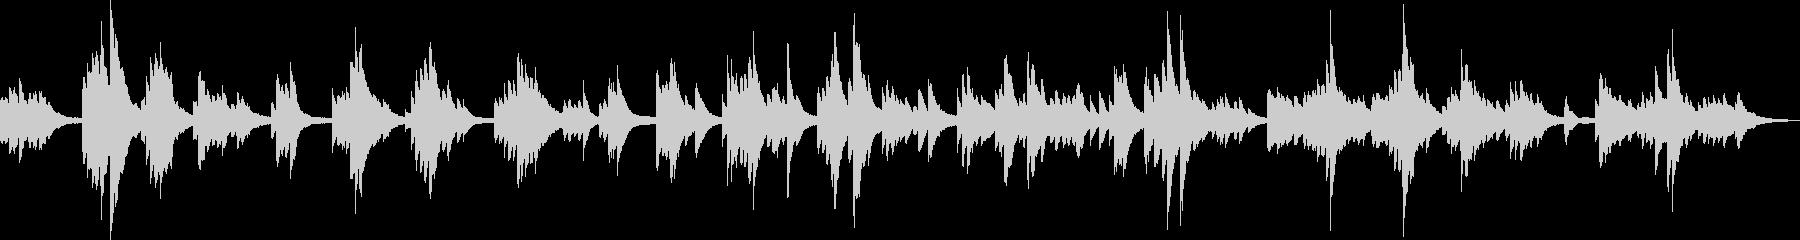 生命の誕生(ピアノソロ曲)の未再生の波形